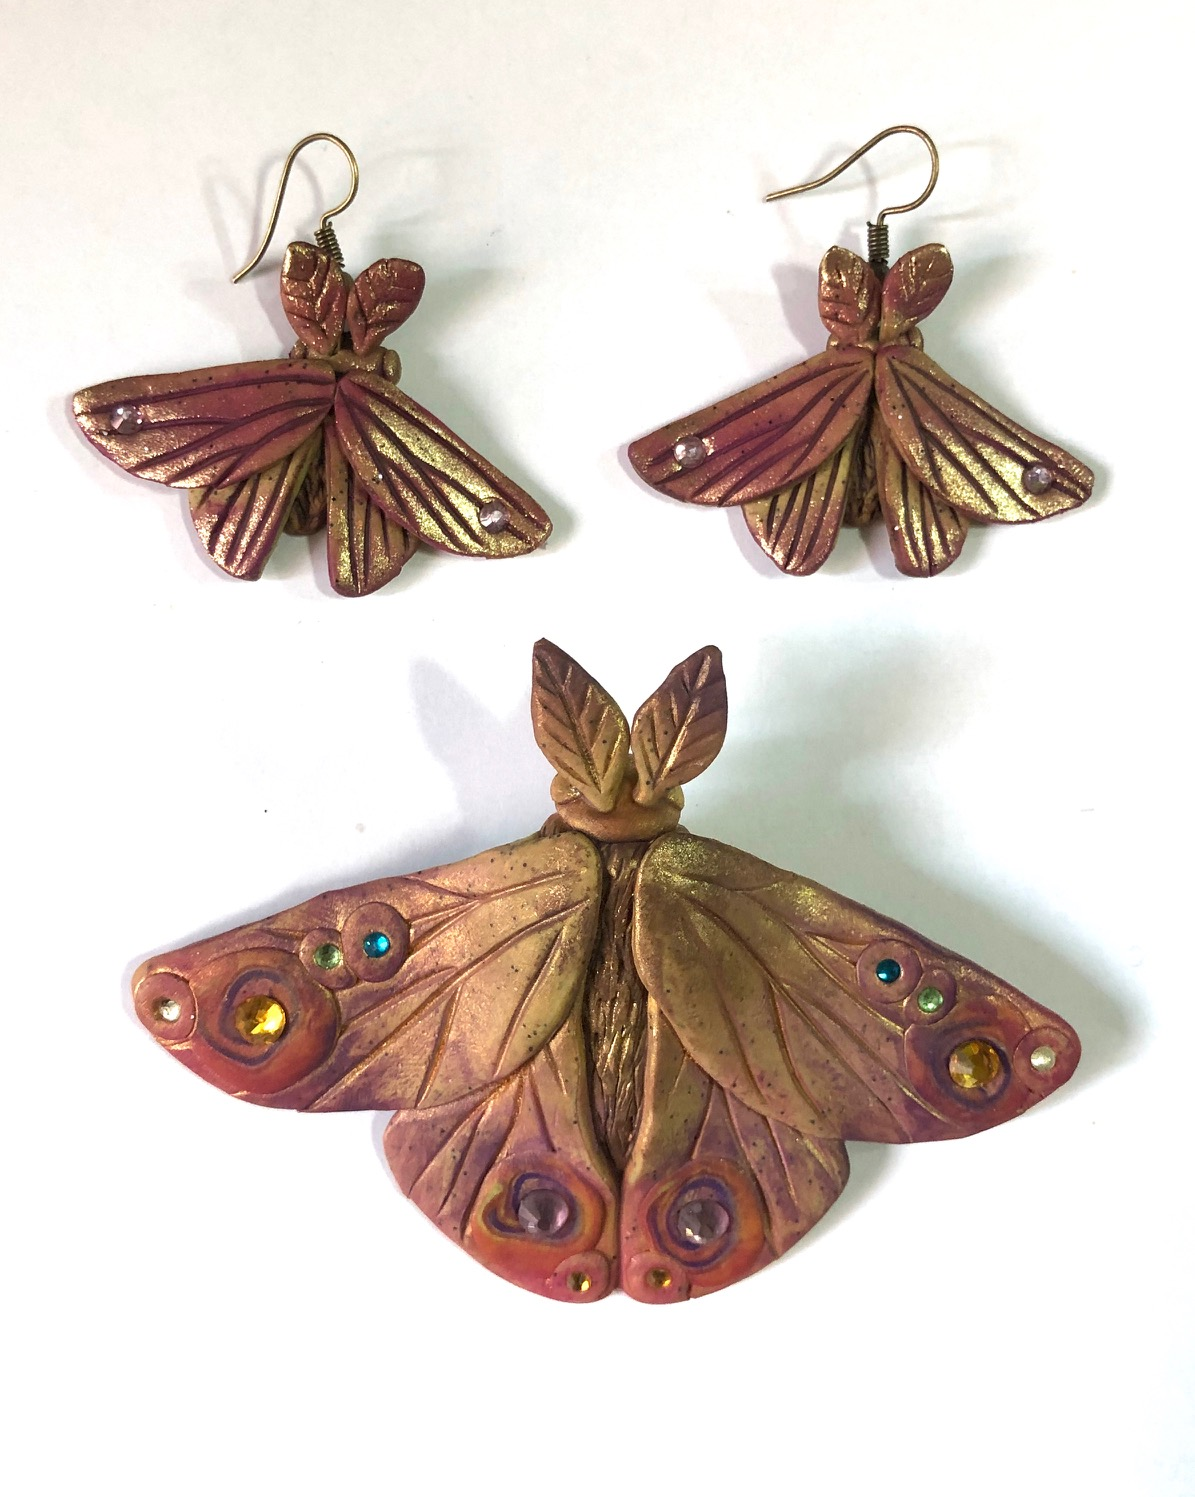 Papillon de Nuit (£30)